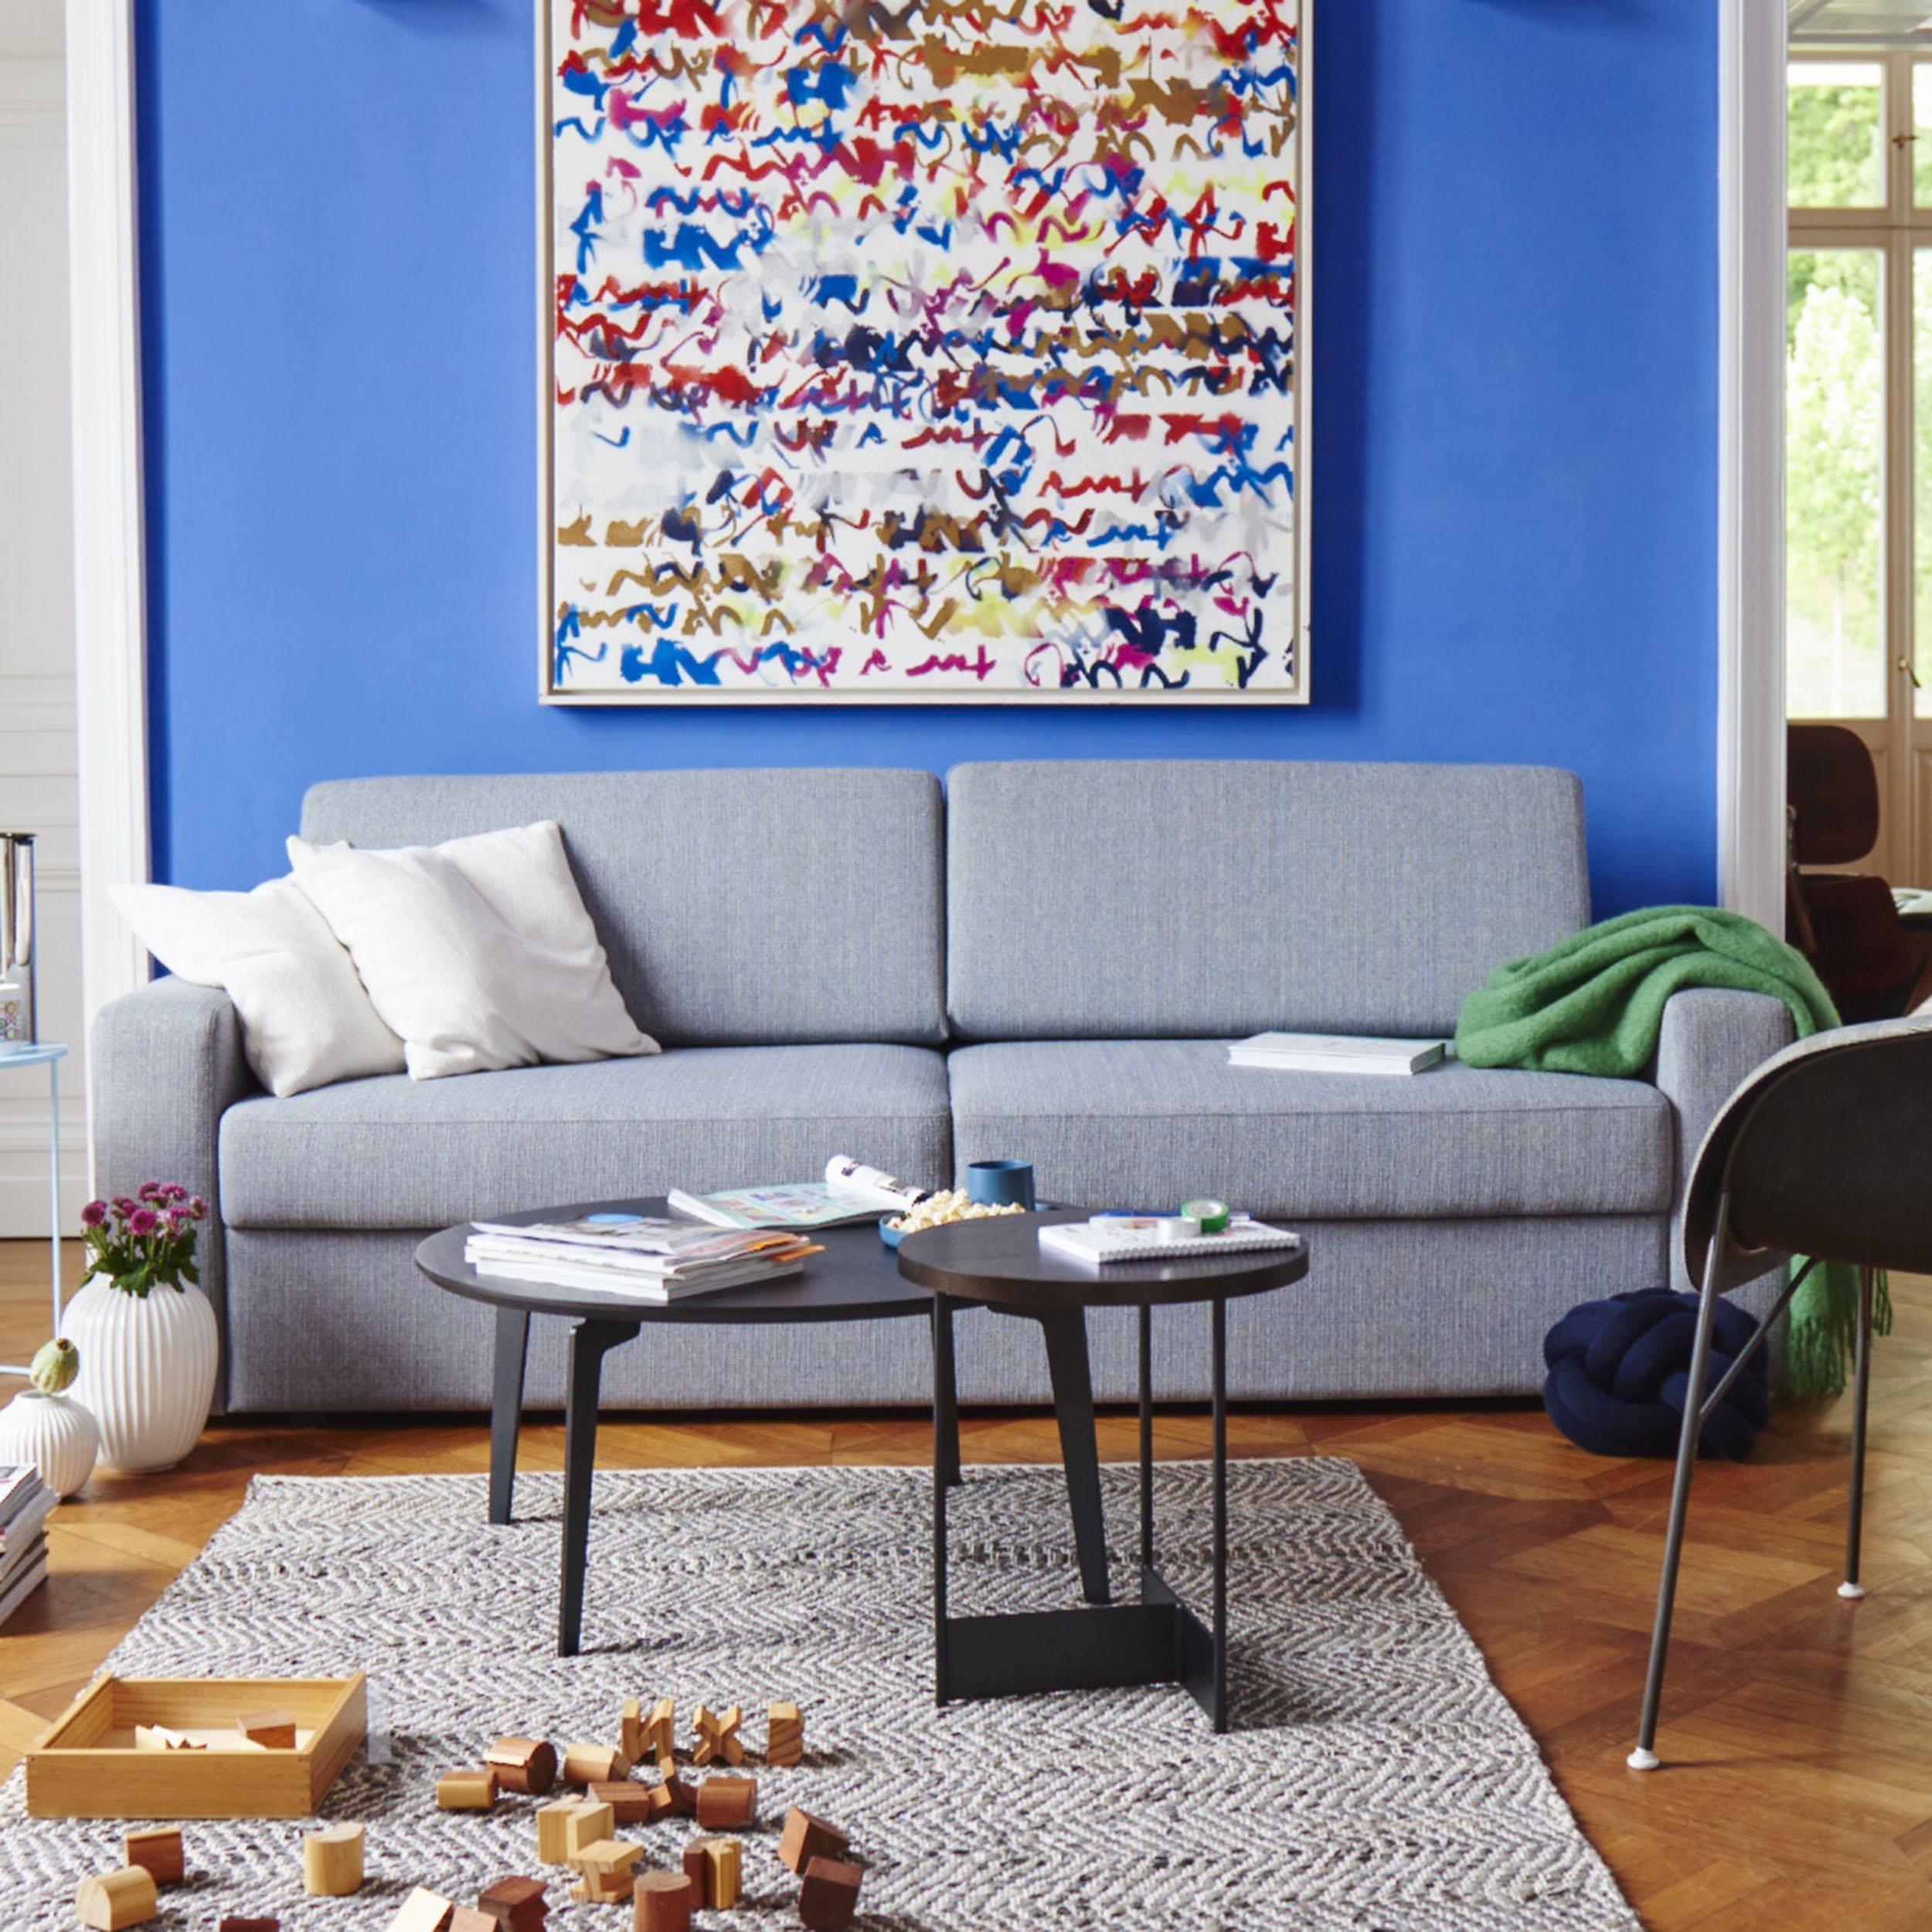 ikarus 2 3 sitzer sofas online kaufen m bel suchmaschine. Black Bedroom Furniture Sets. Home Design Ideas